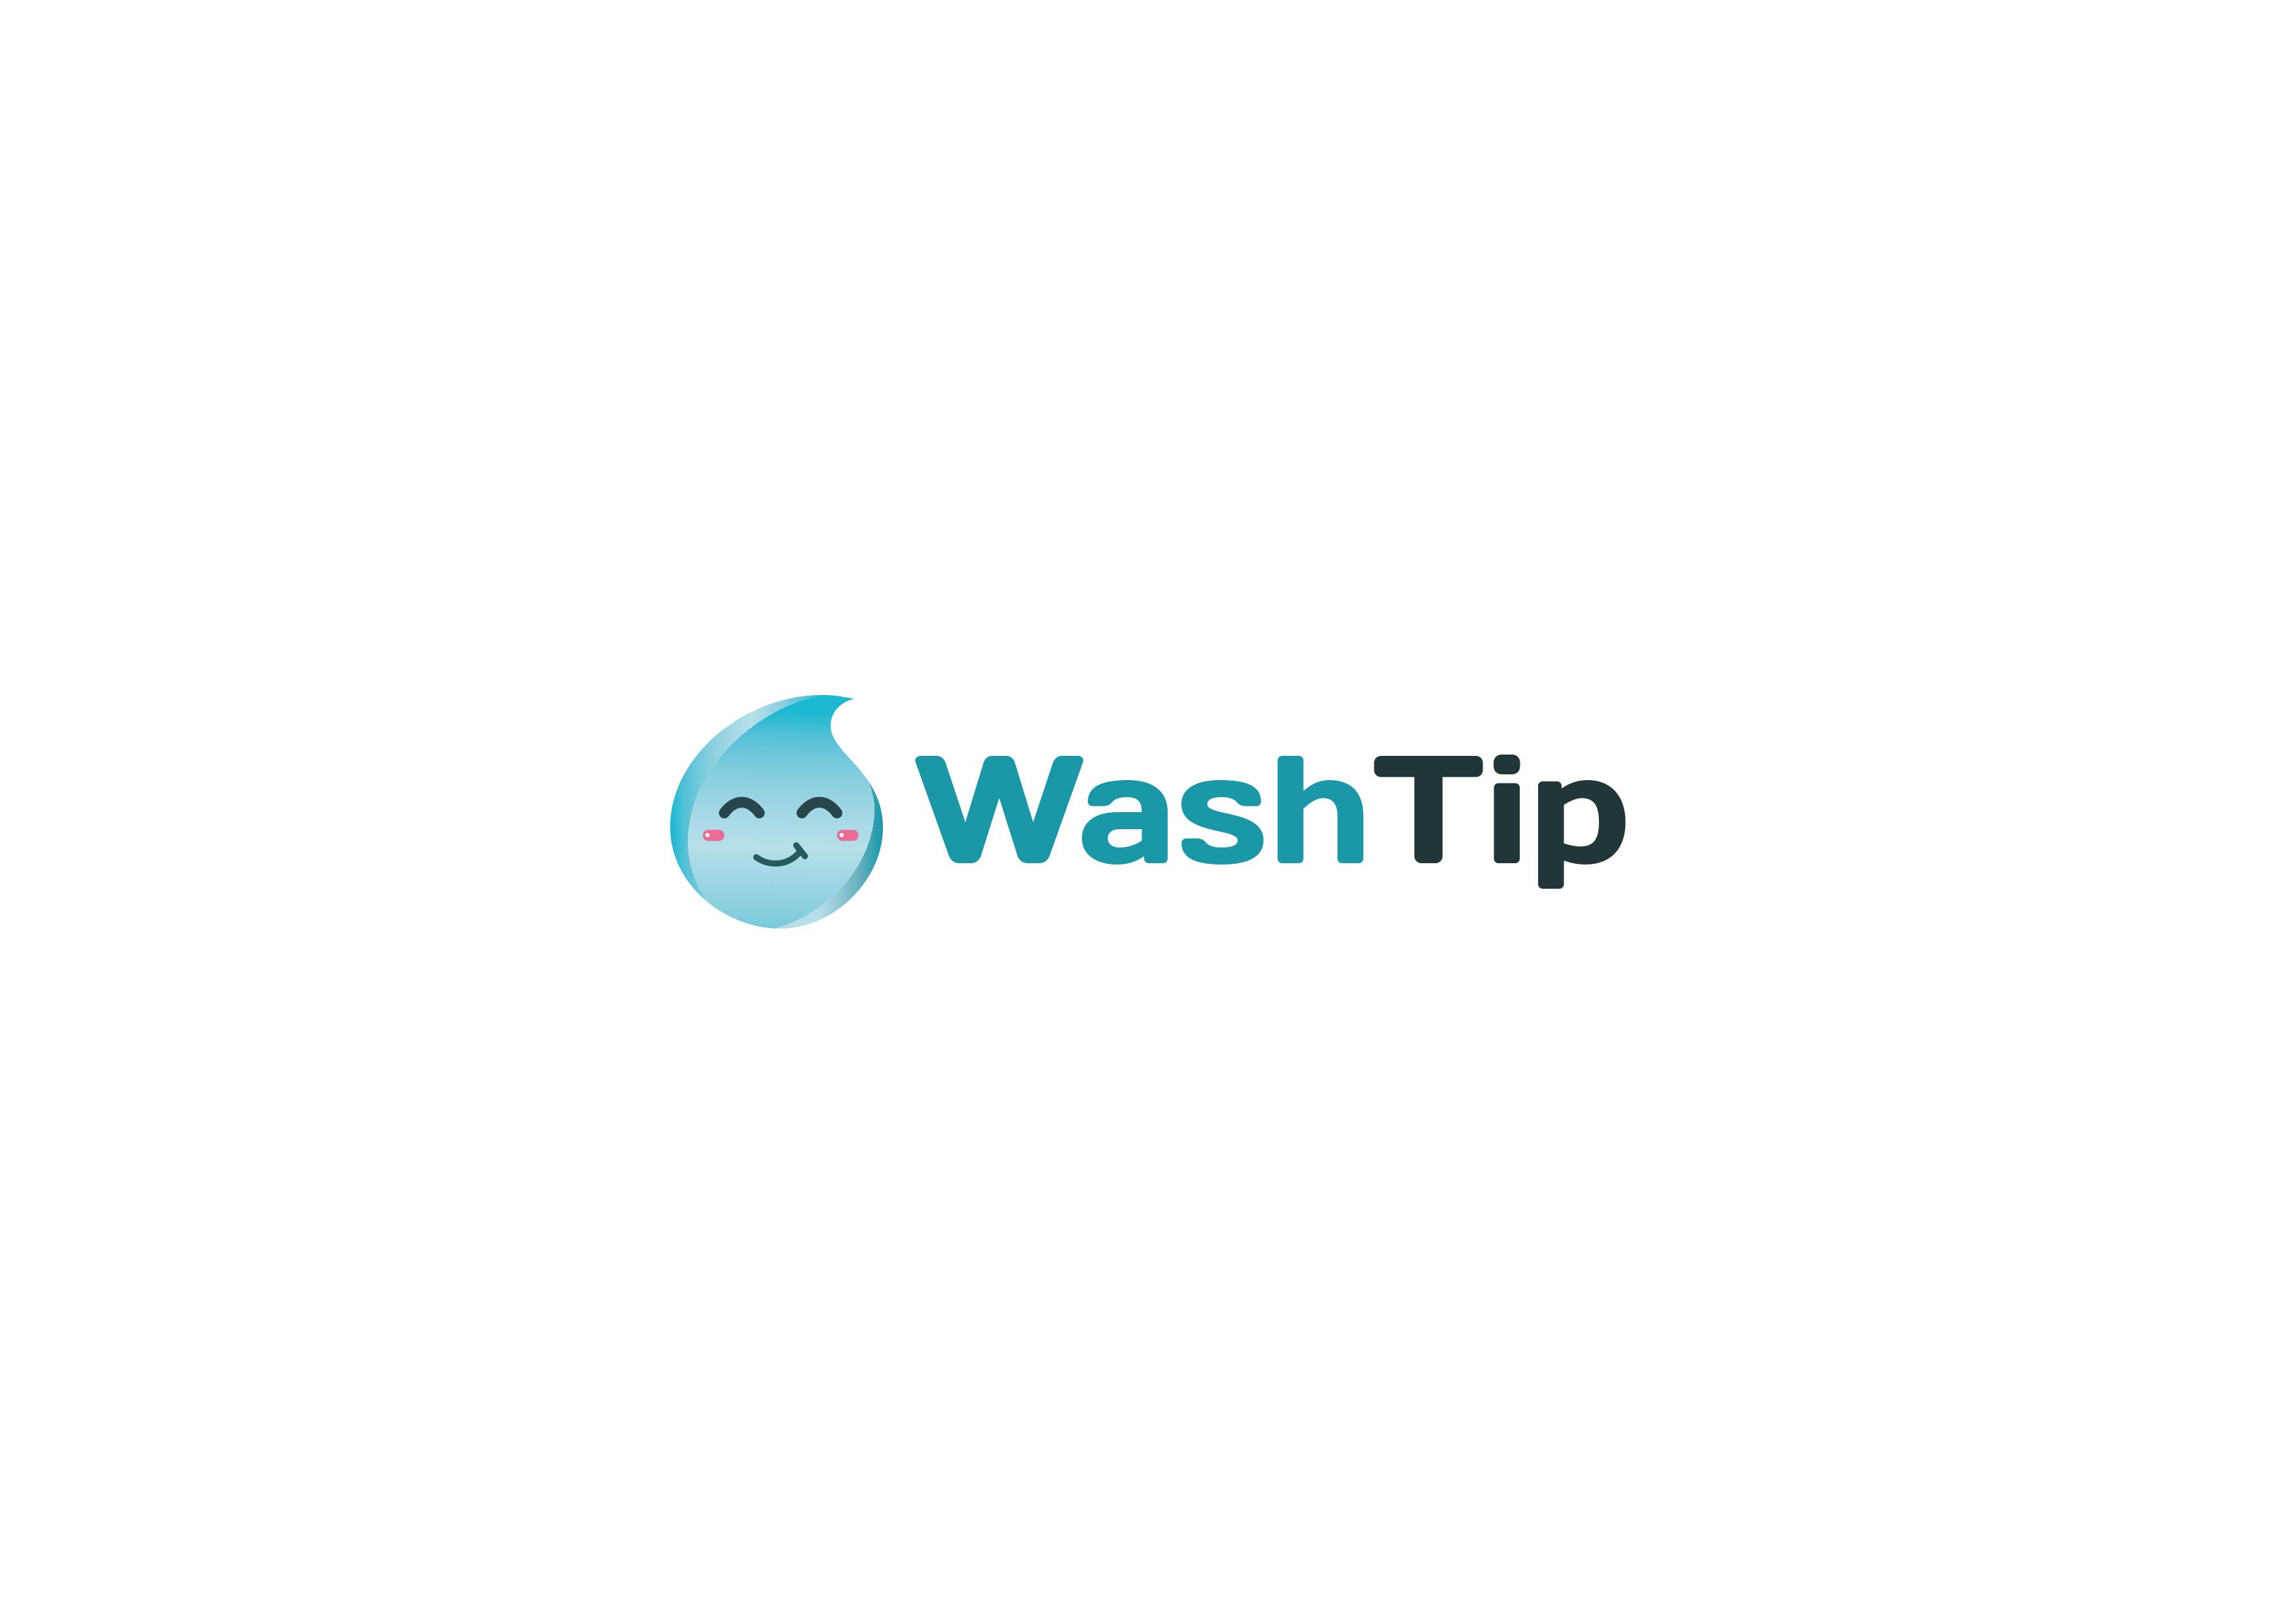 Разработка логотипа для онлайн-сервиса химчистки фото f_5985c055a7a2549e.jpg